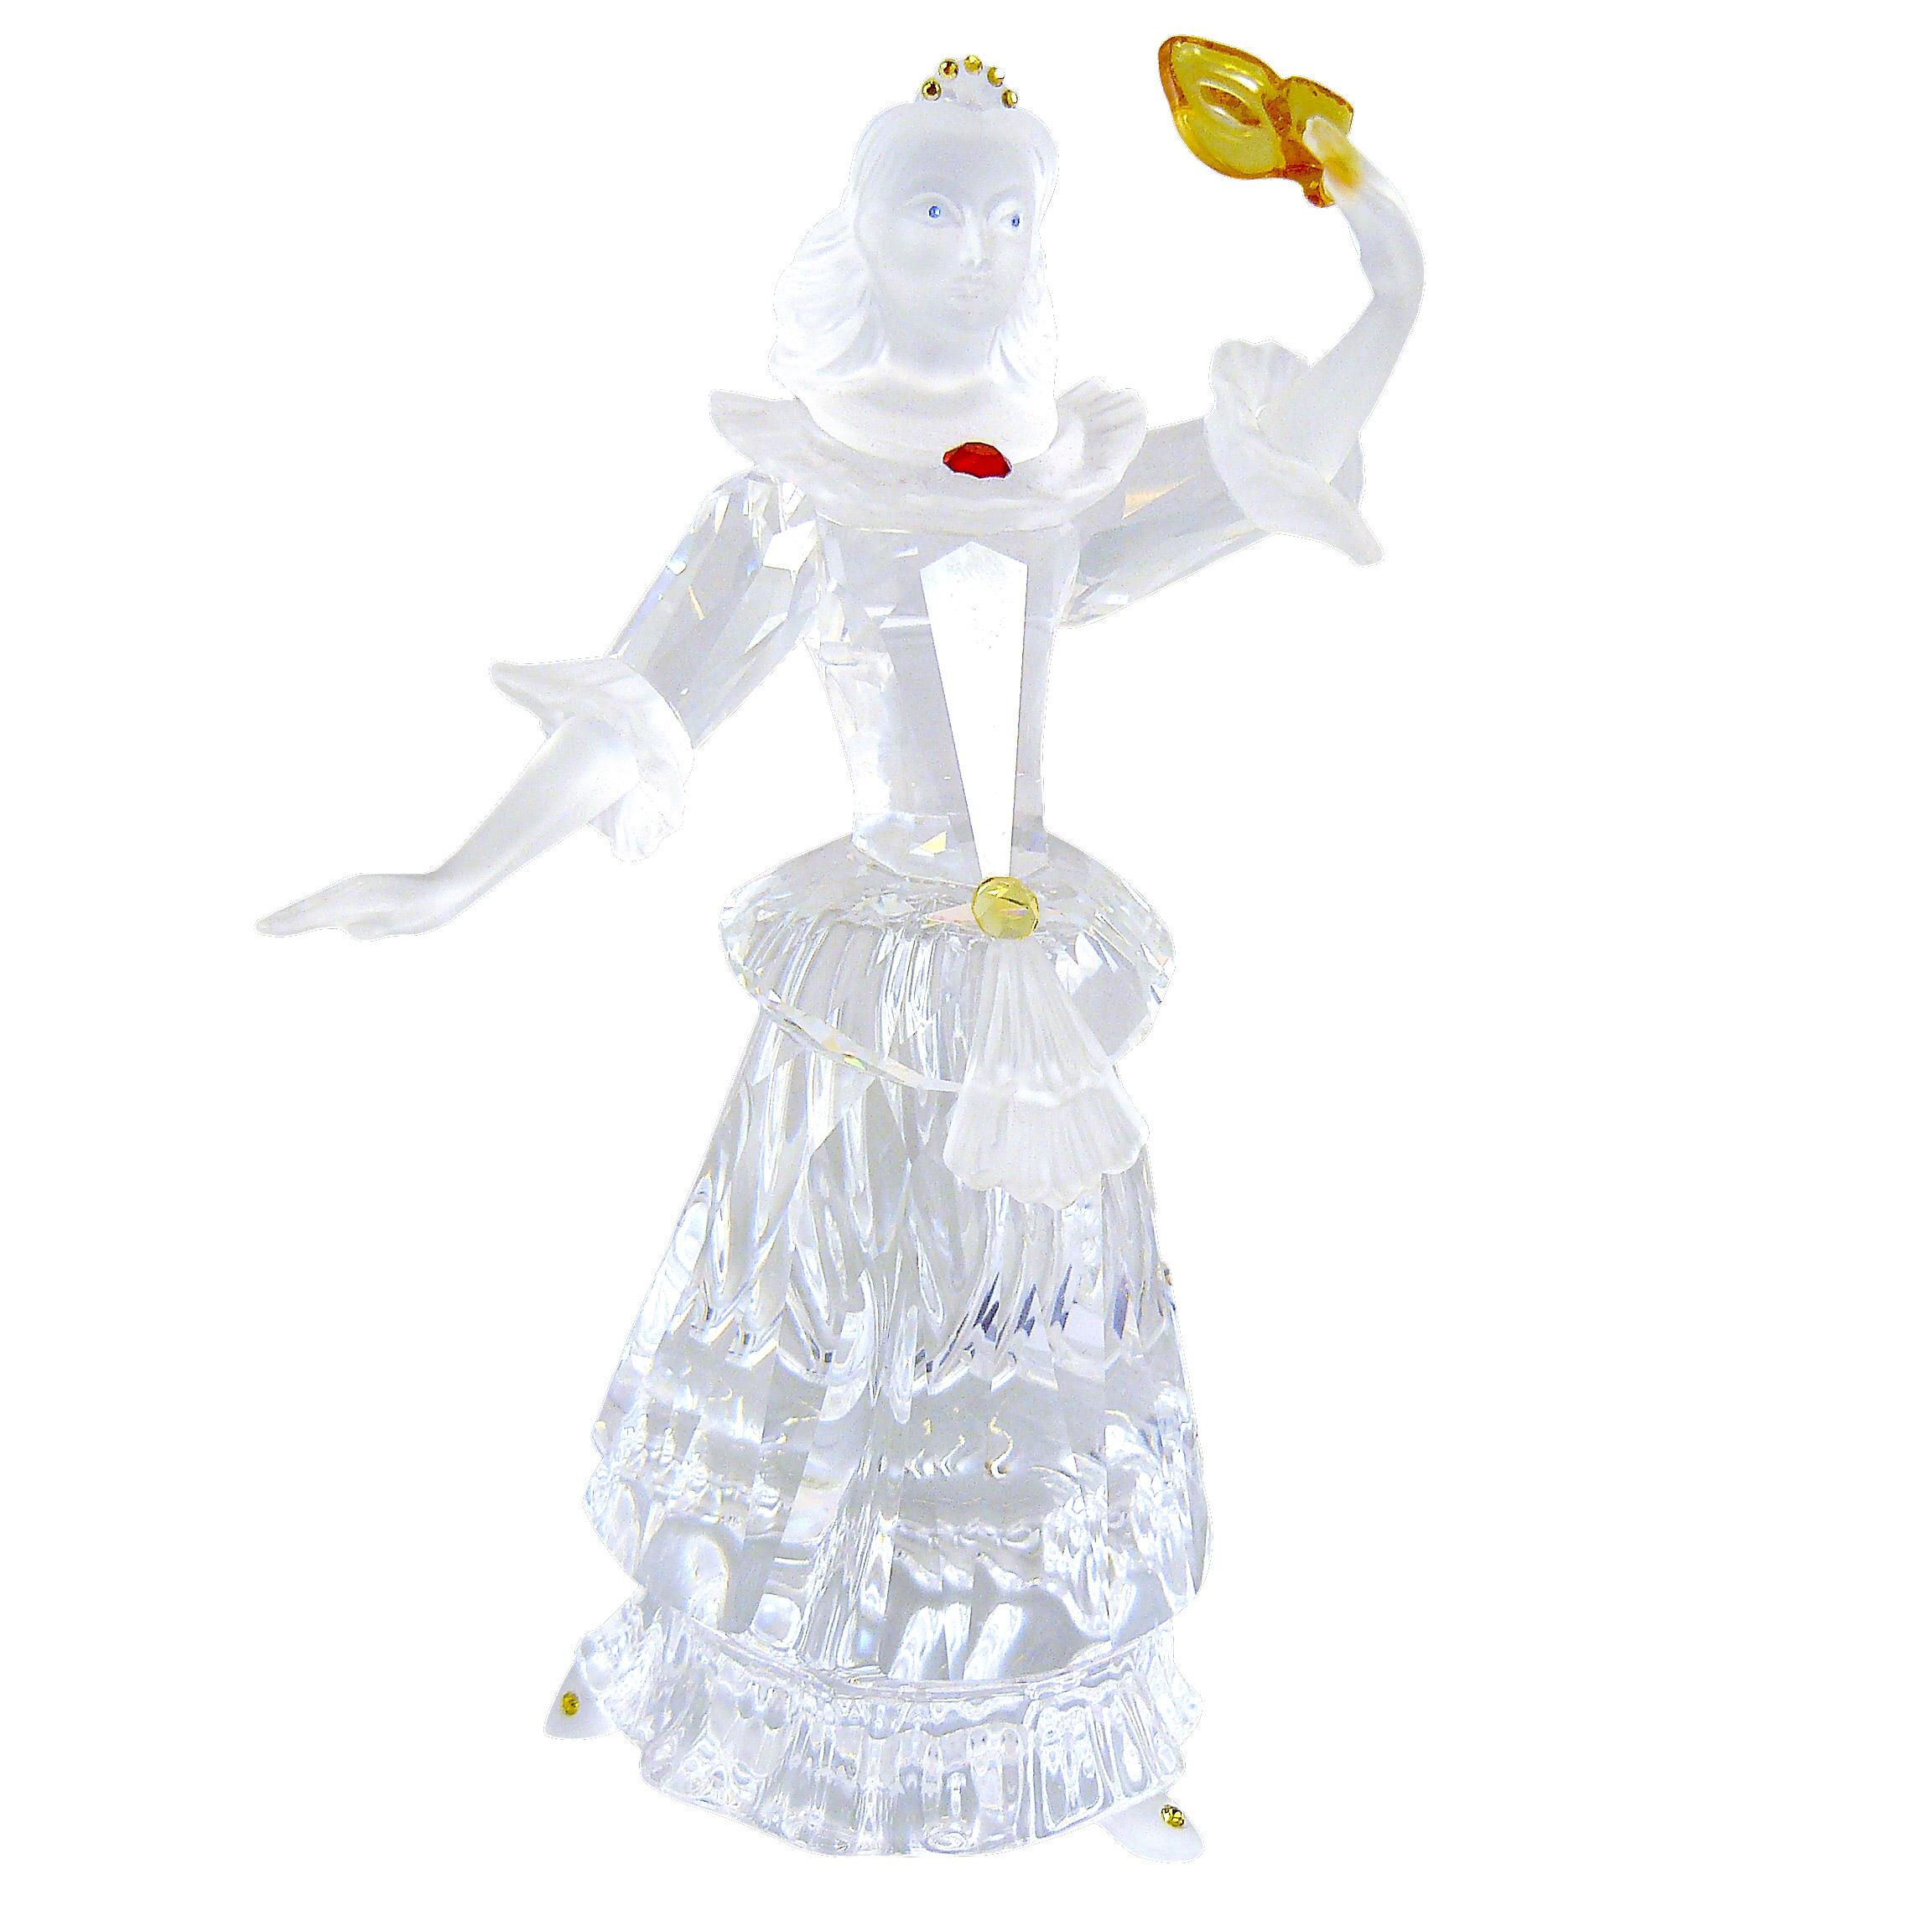 Swarovski Crystal Διακοσμητικό Πριγκίπισσα [Limited Edition]